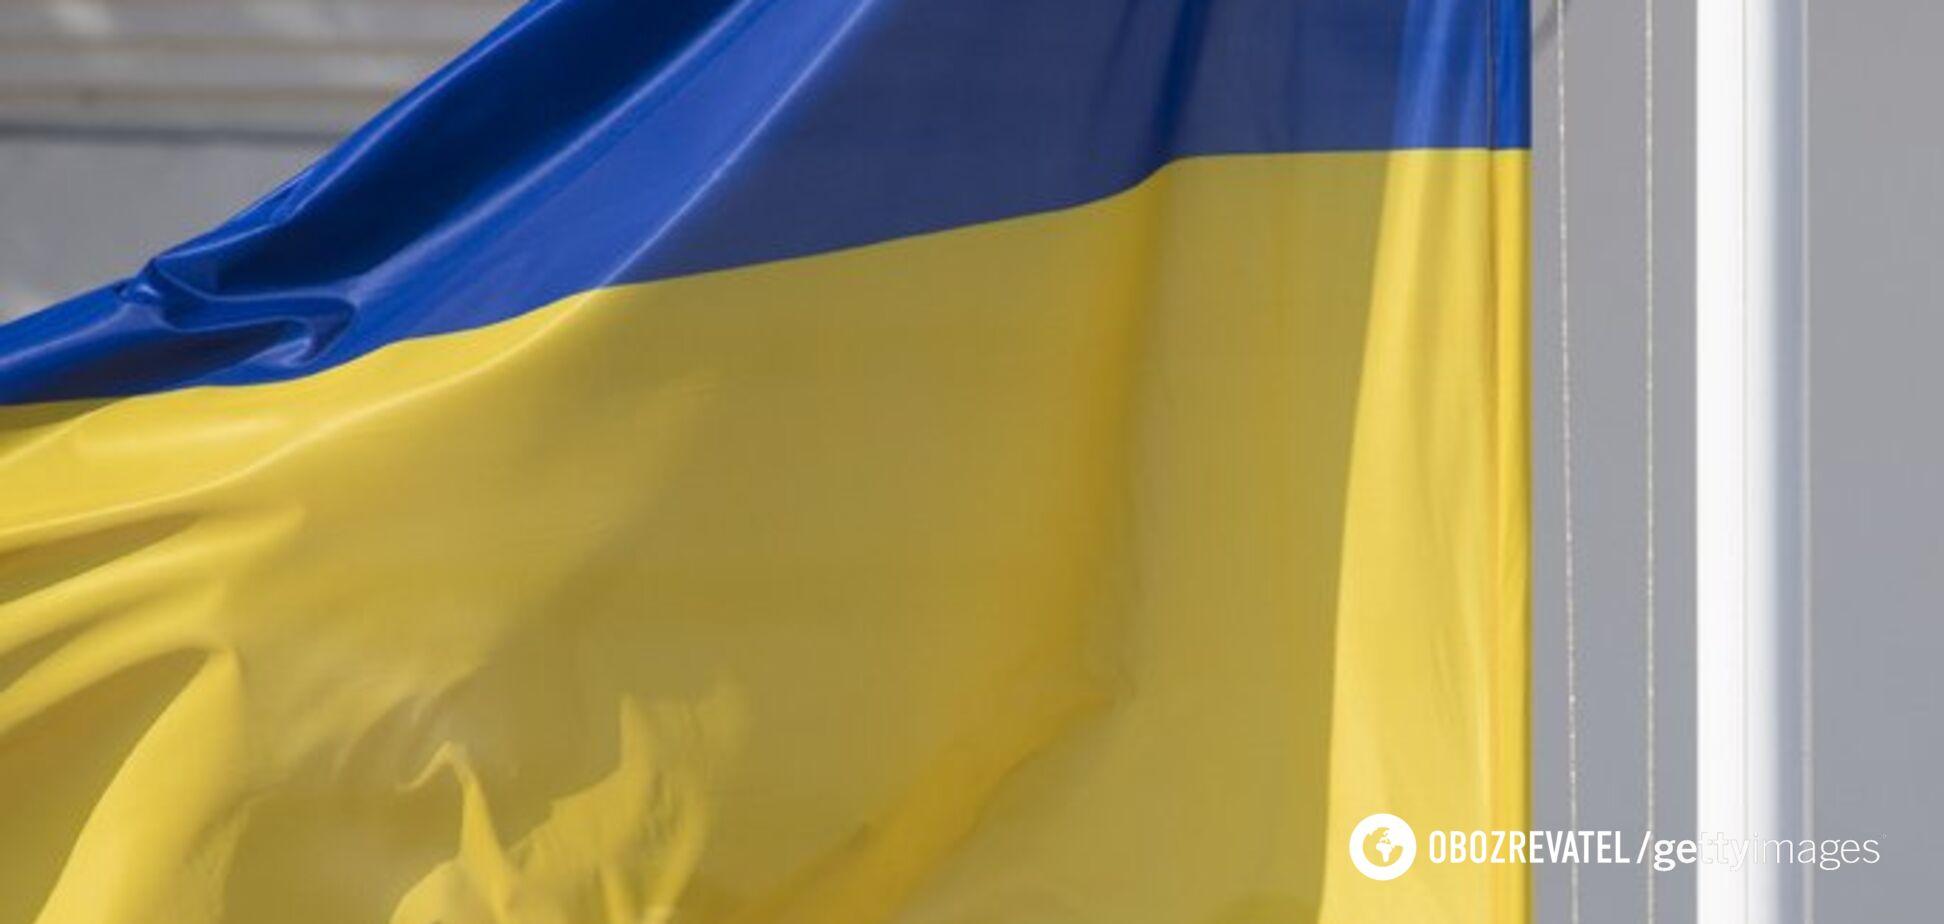 Всесвітній банк дав невтішний прогноз для України